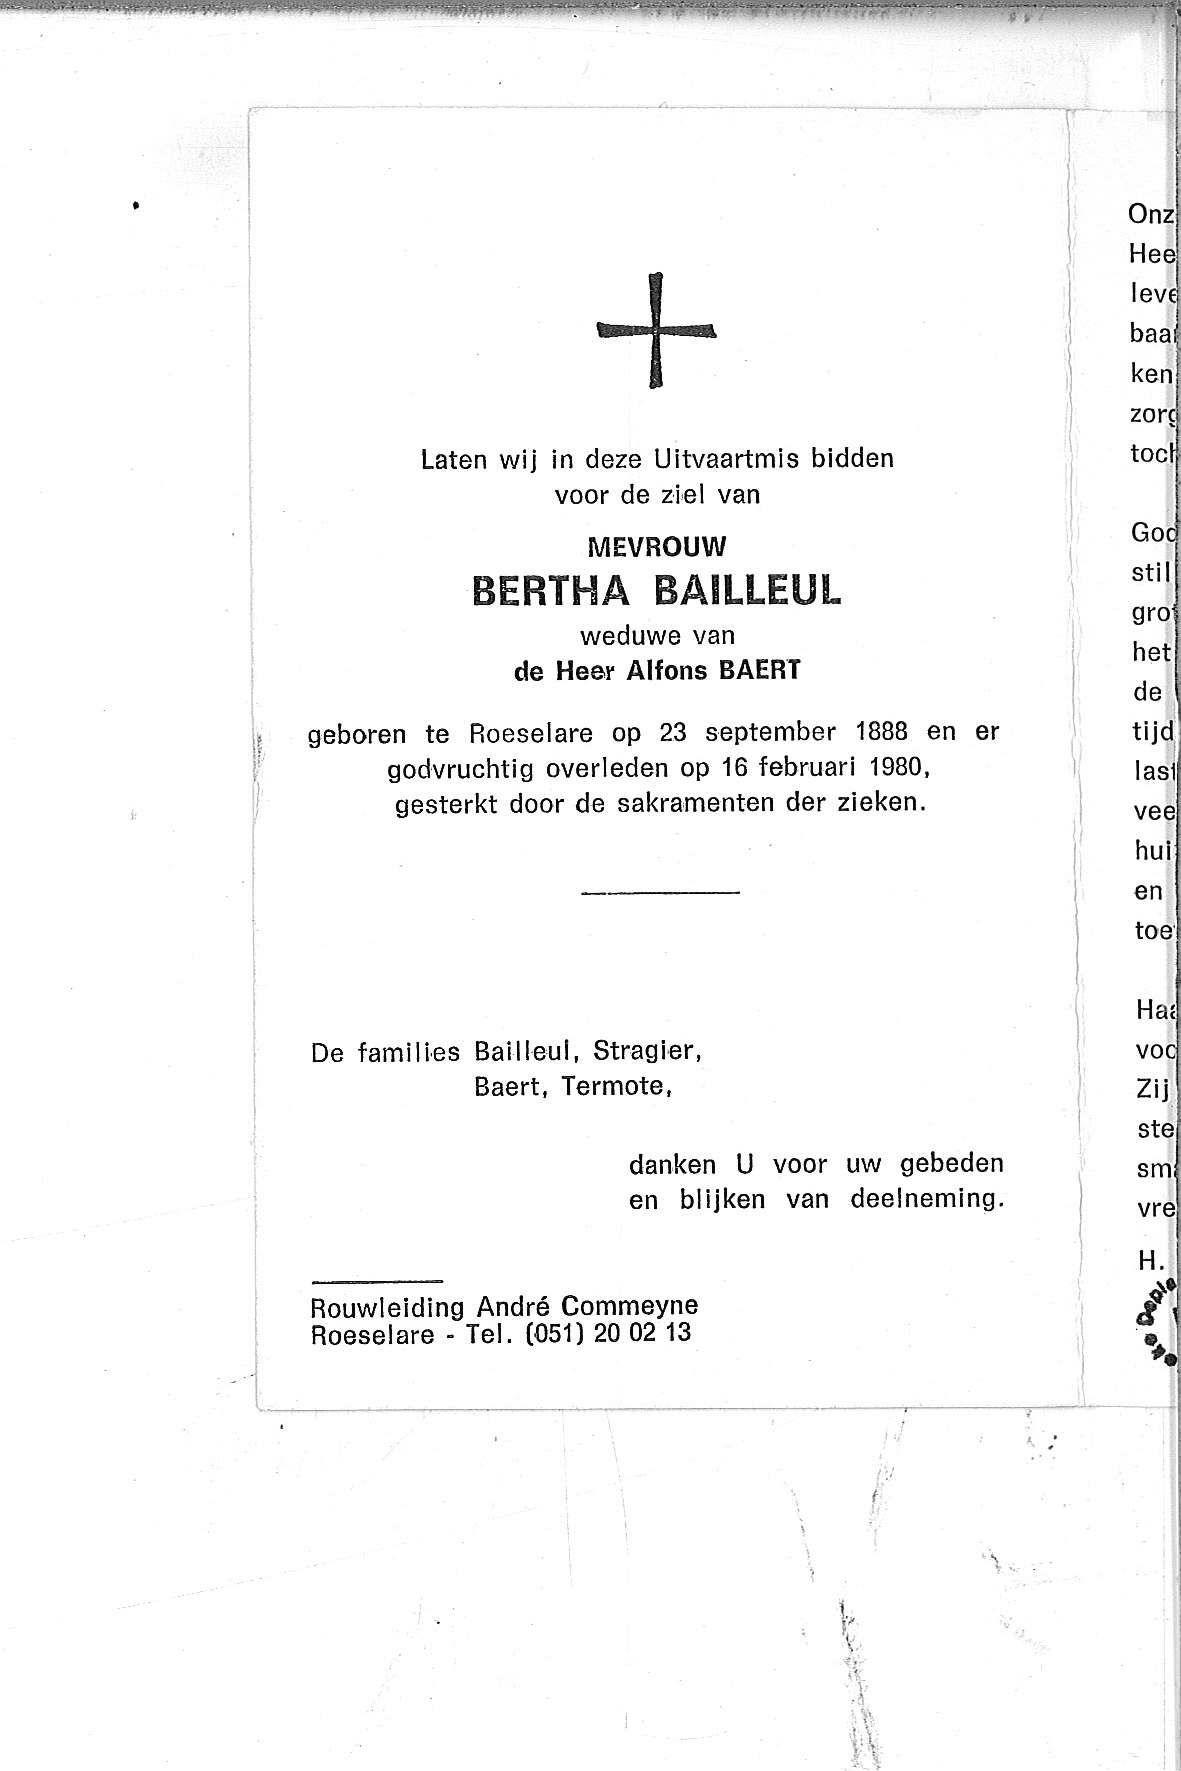 Bertha(1980)20130823095959_00017.jpg